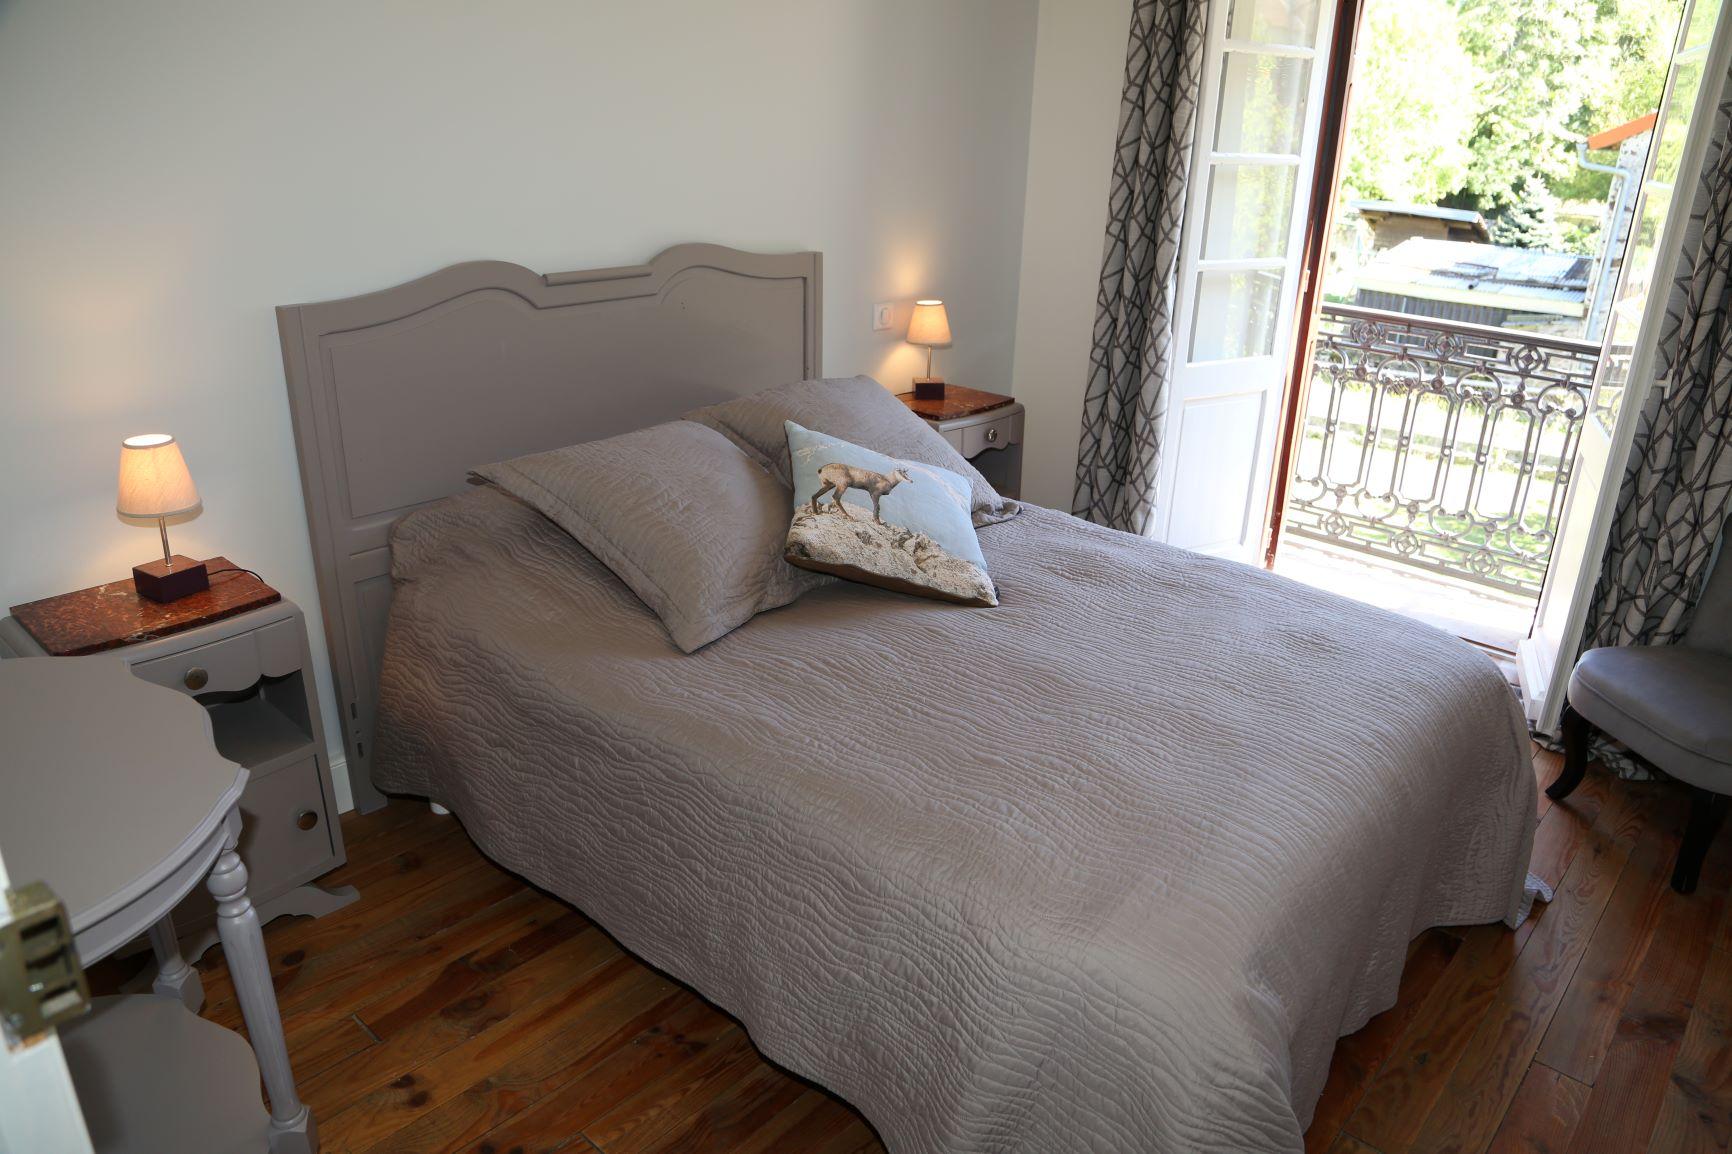 Chambre 3 - 1 lit de 140 cm